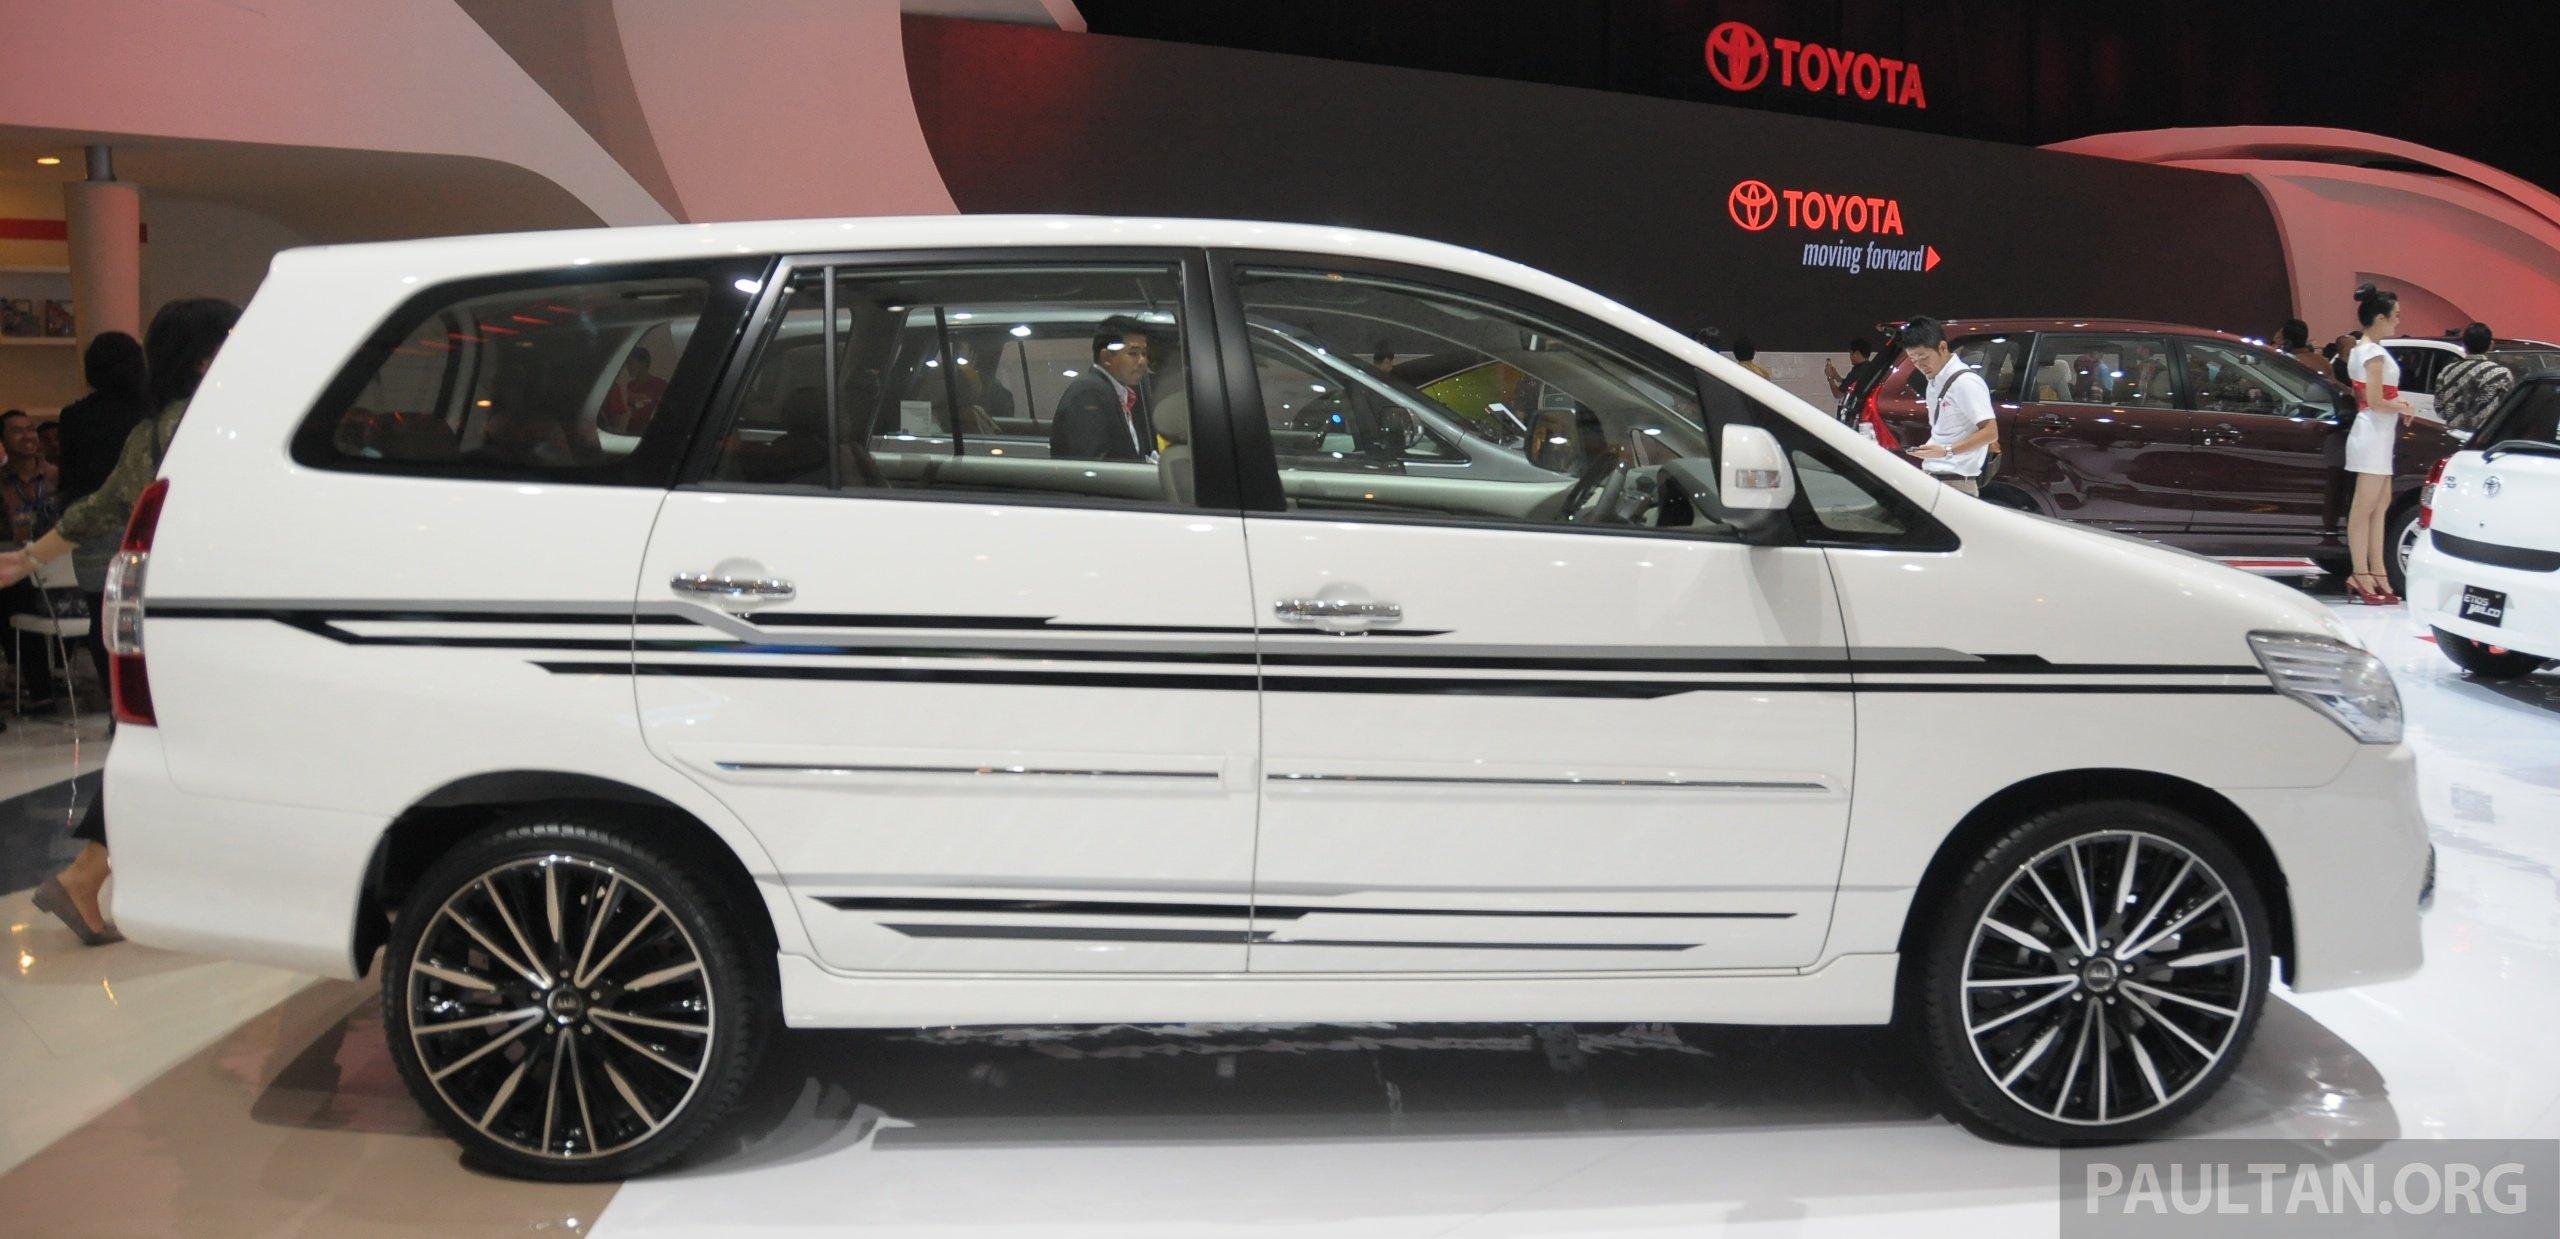 Toyota Innova 2014 Gallery: 2013 toyota innova